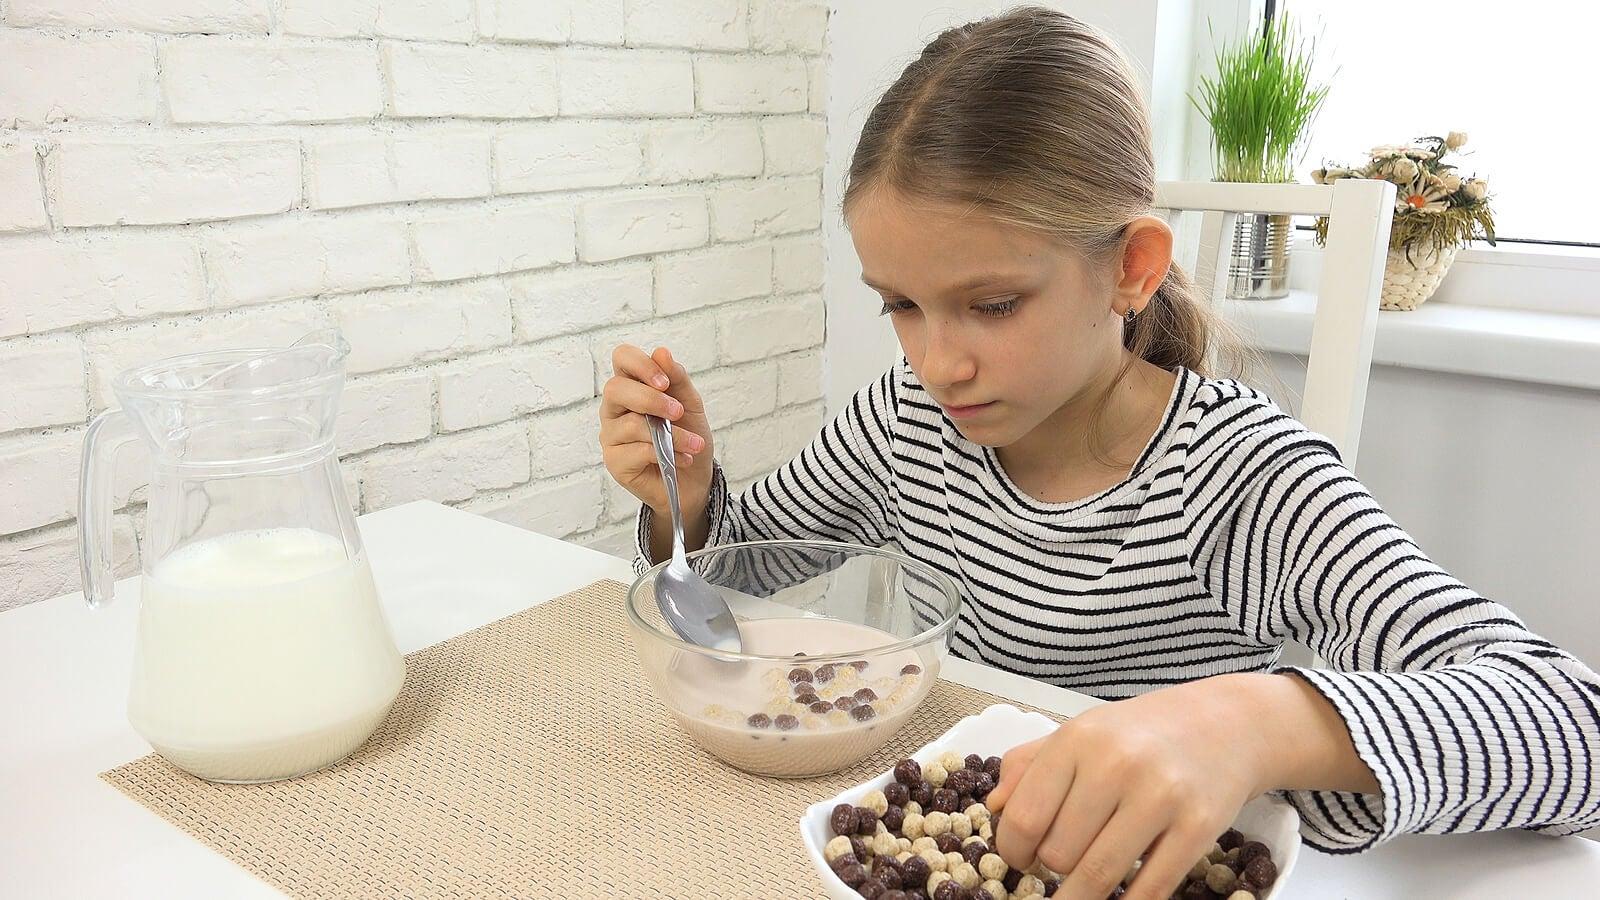 Adolescente desayunando cereales con cacao soluble.